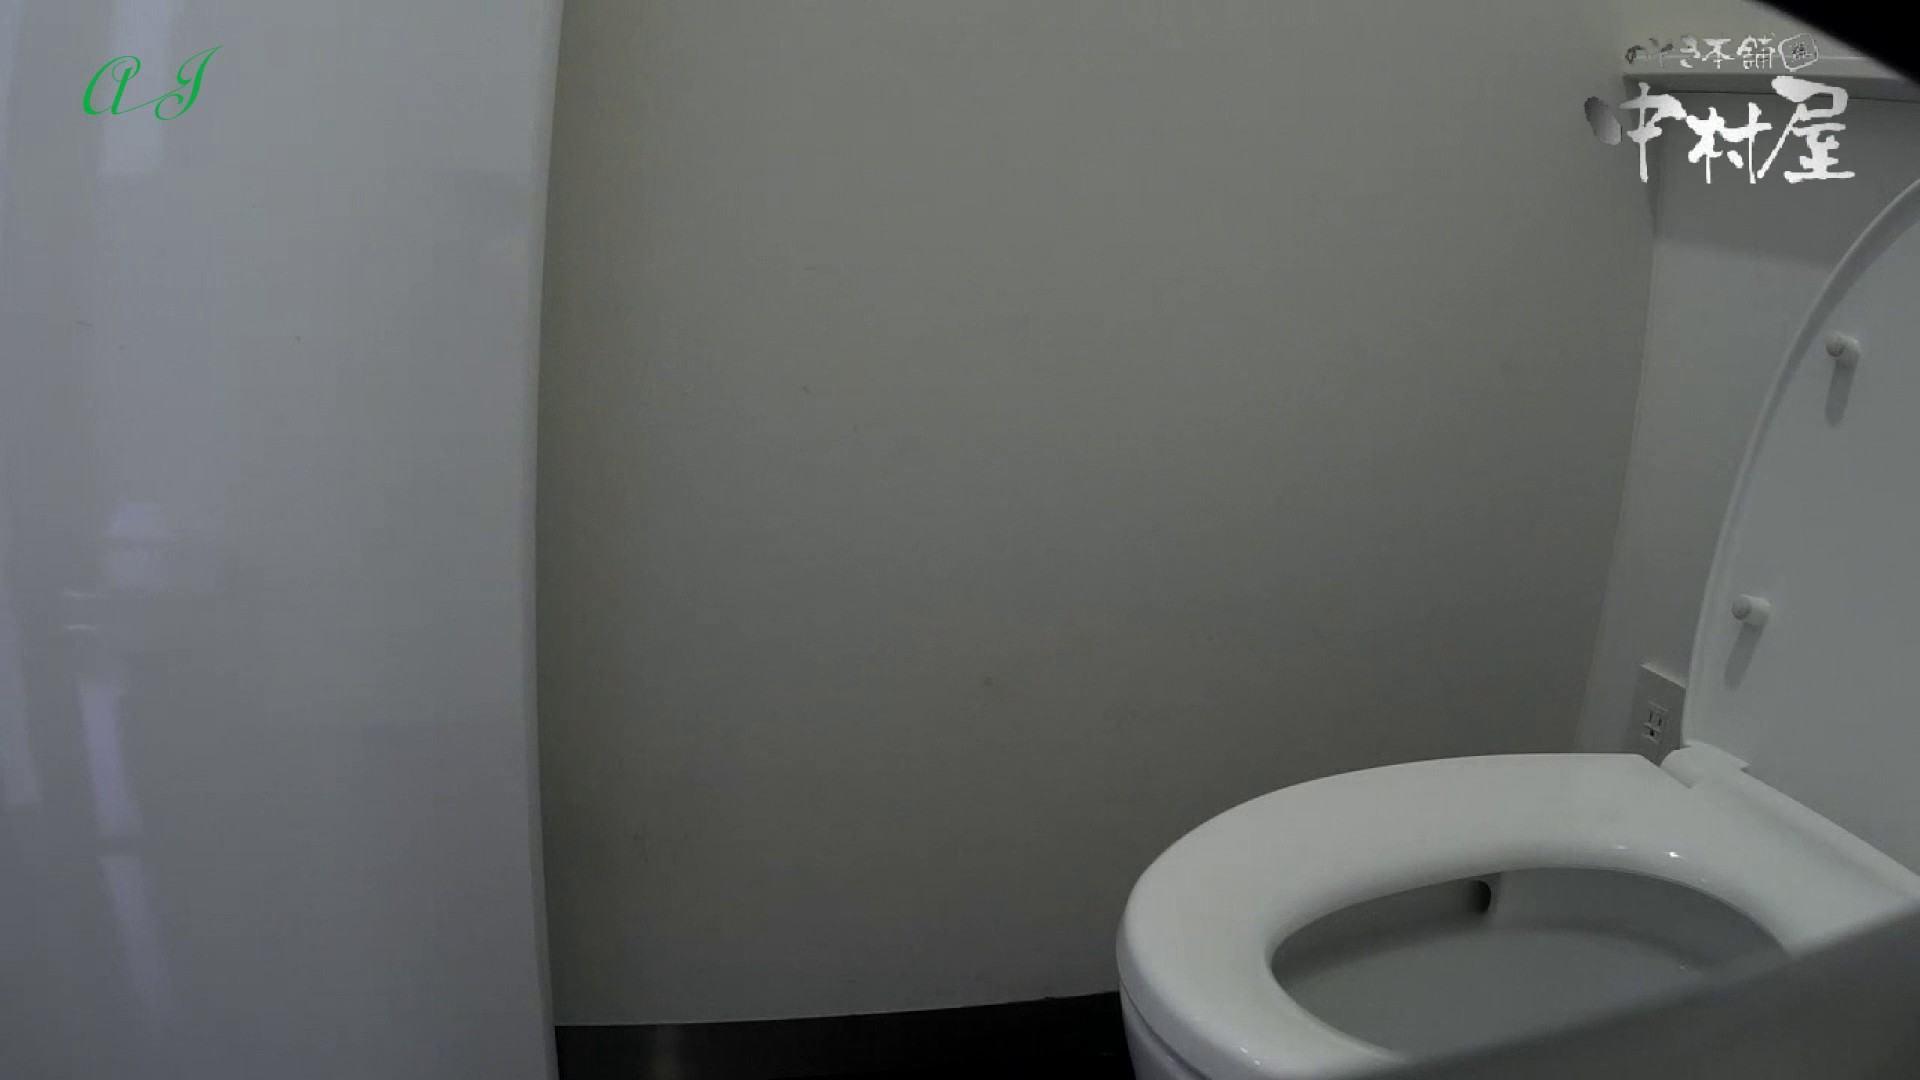 有名大学女性洗面所 vol.61 お久しぶりです。美しい物を美しく撮れました 投稿 エロ画像 75pic 54